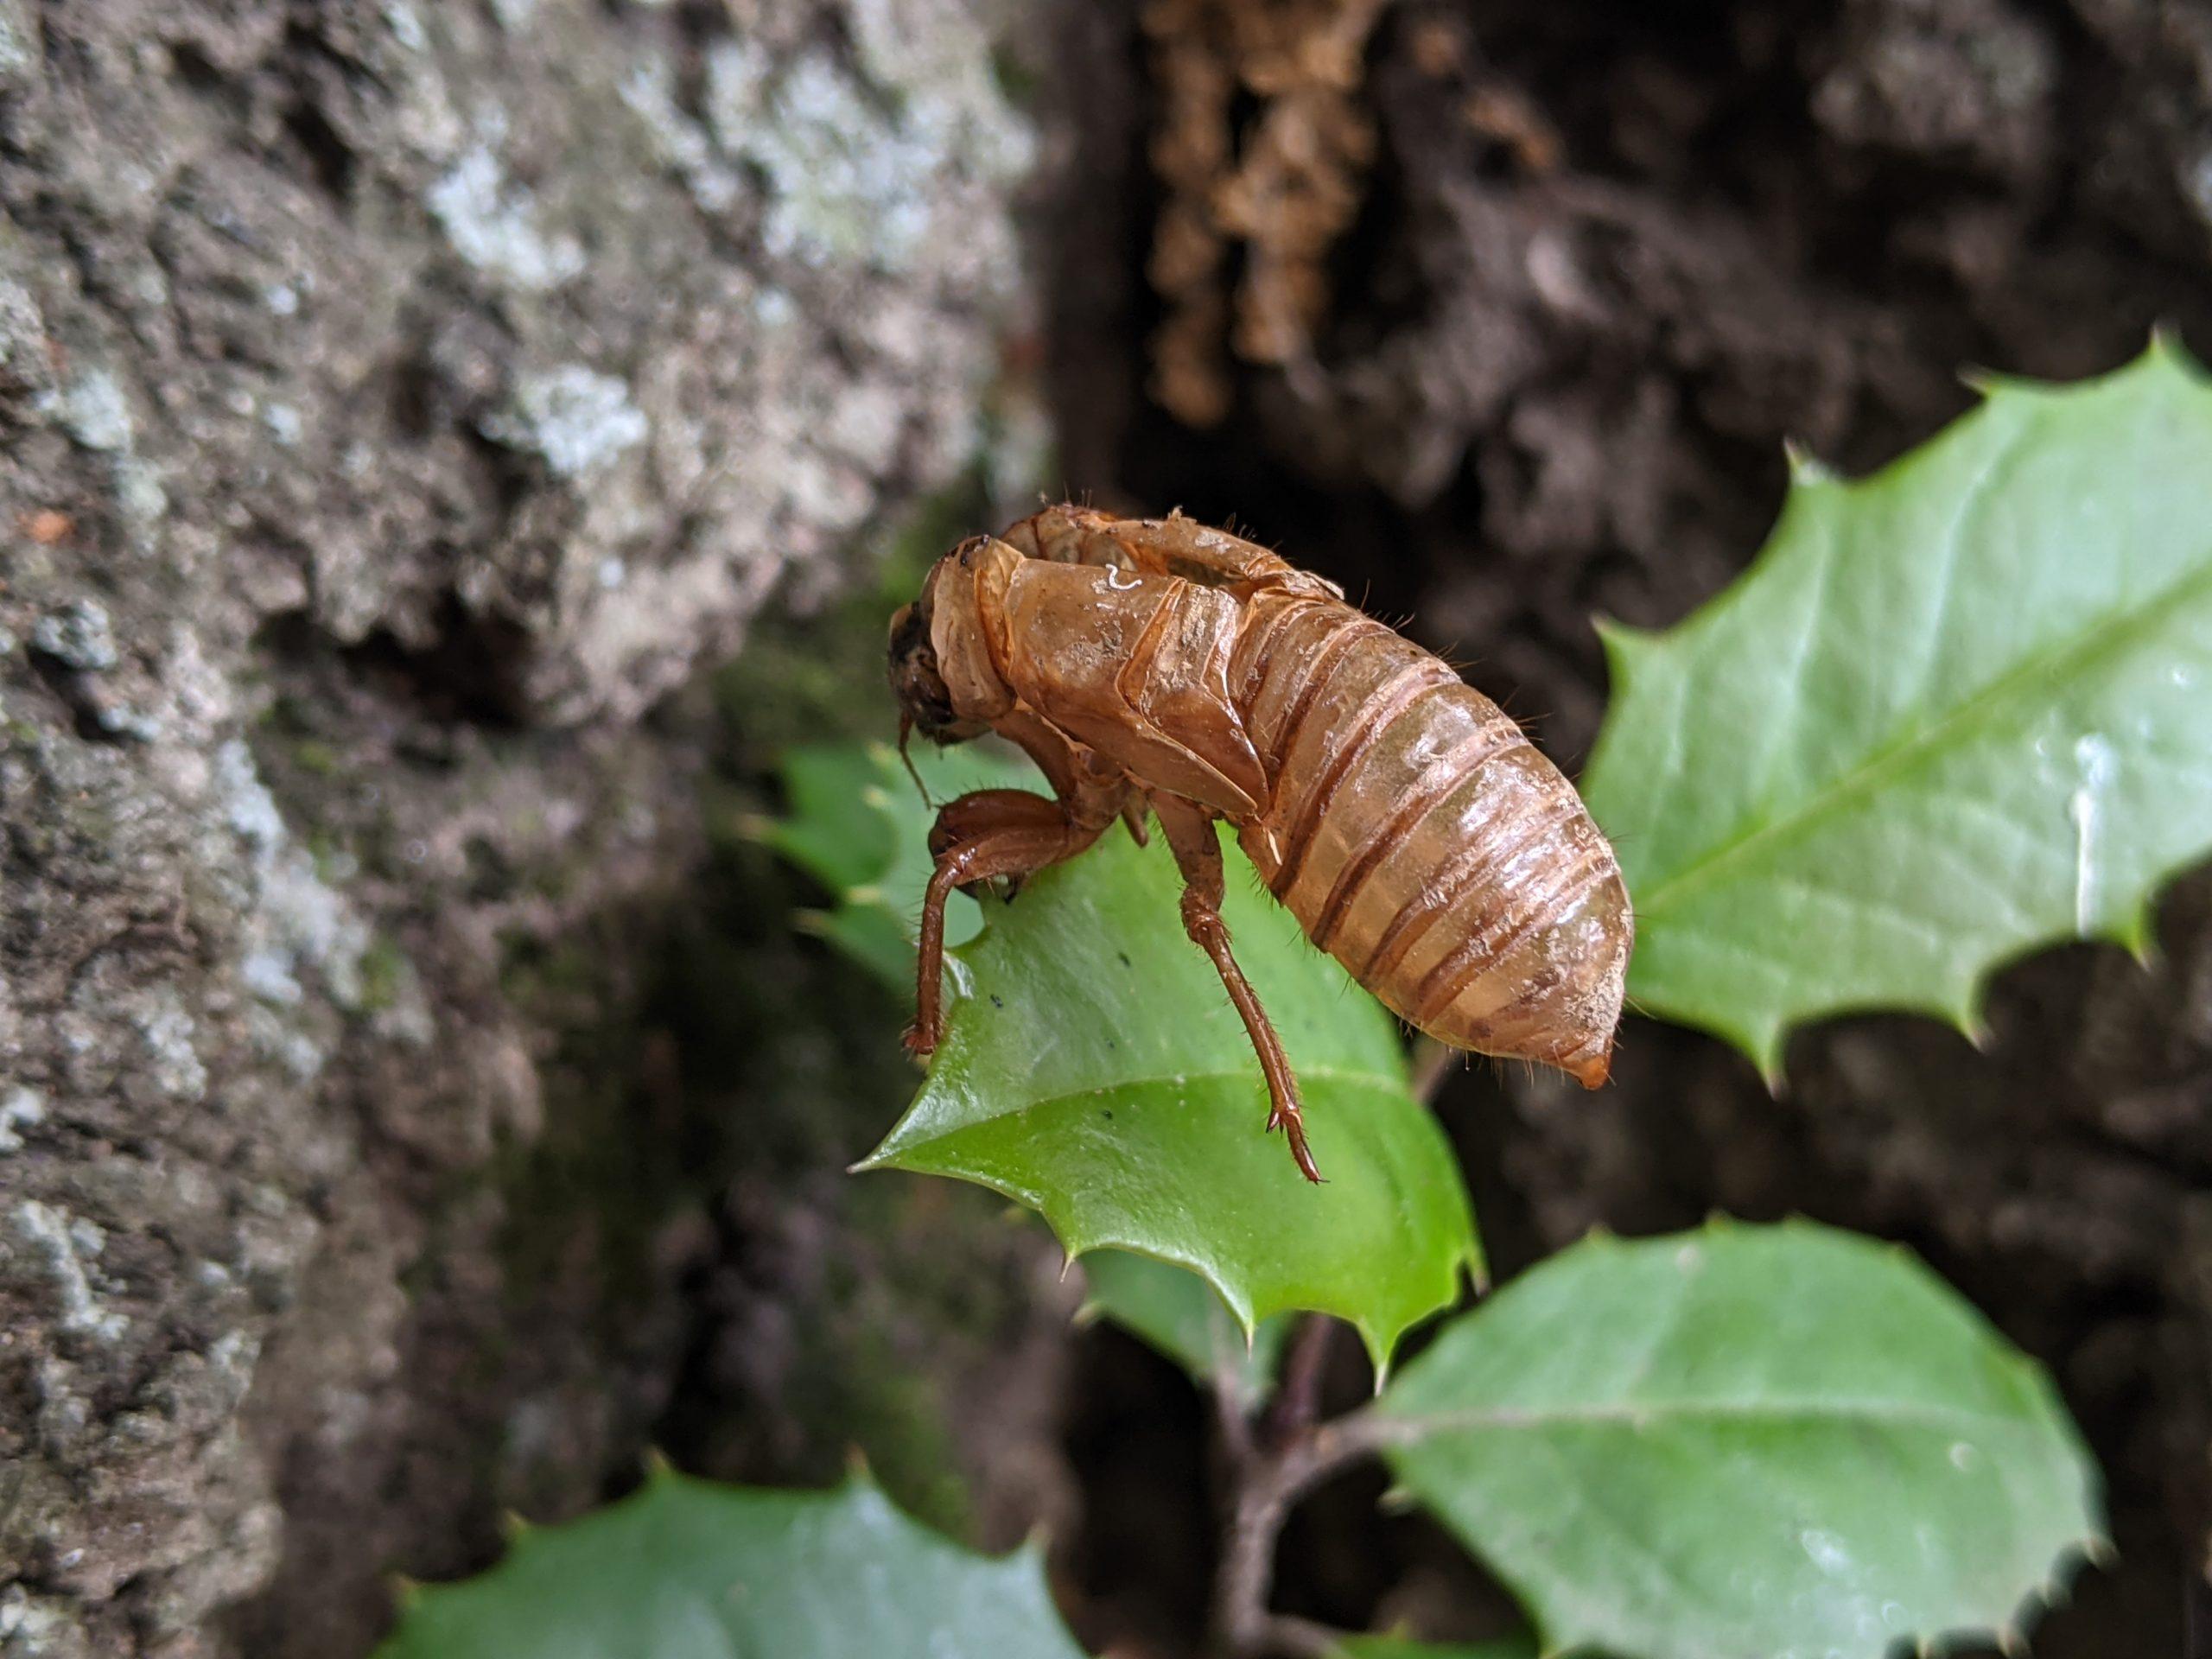 Nymph of a periodical cicada on a green leaf.